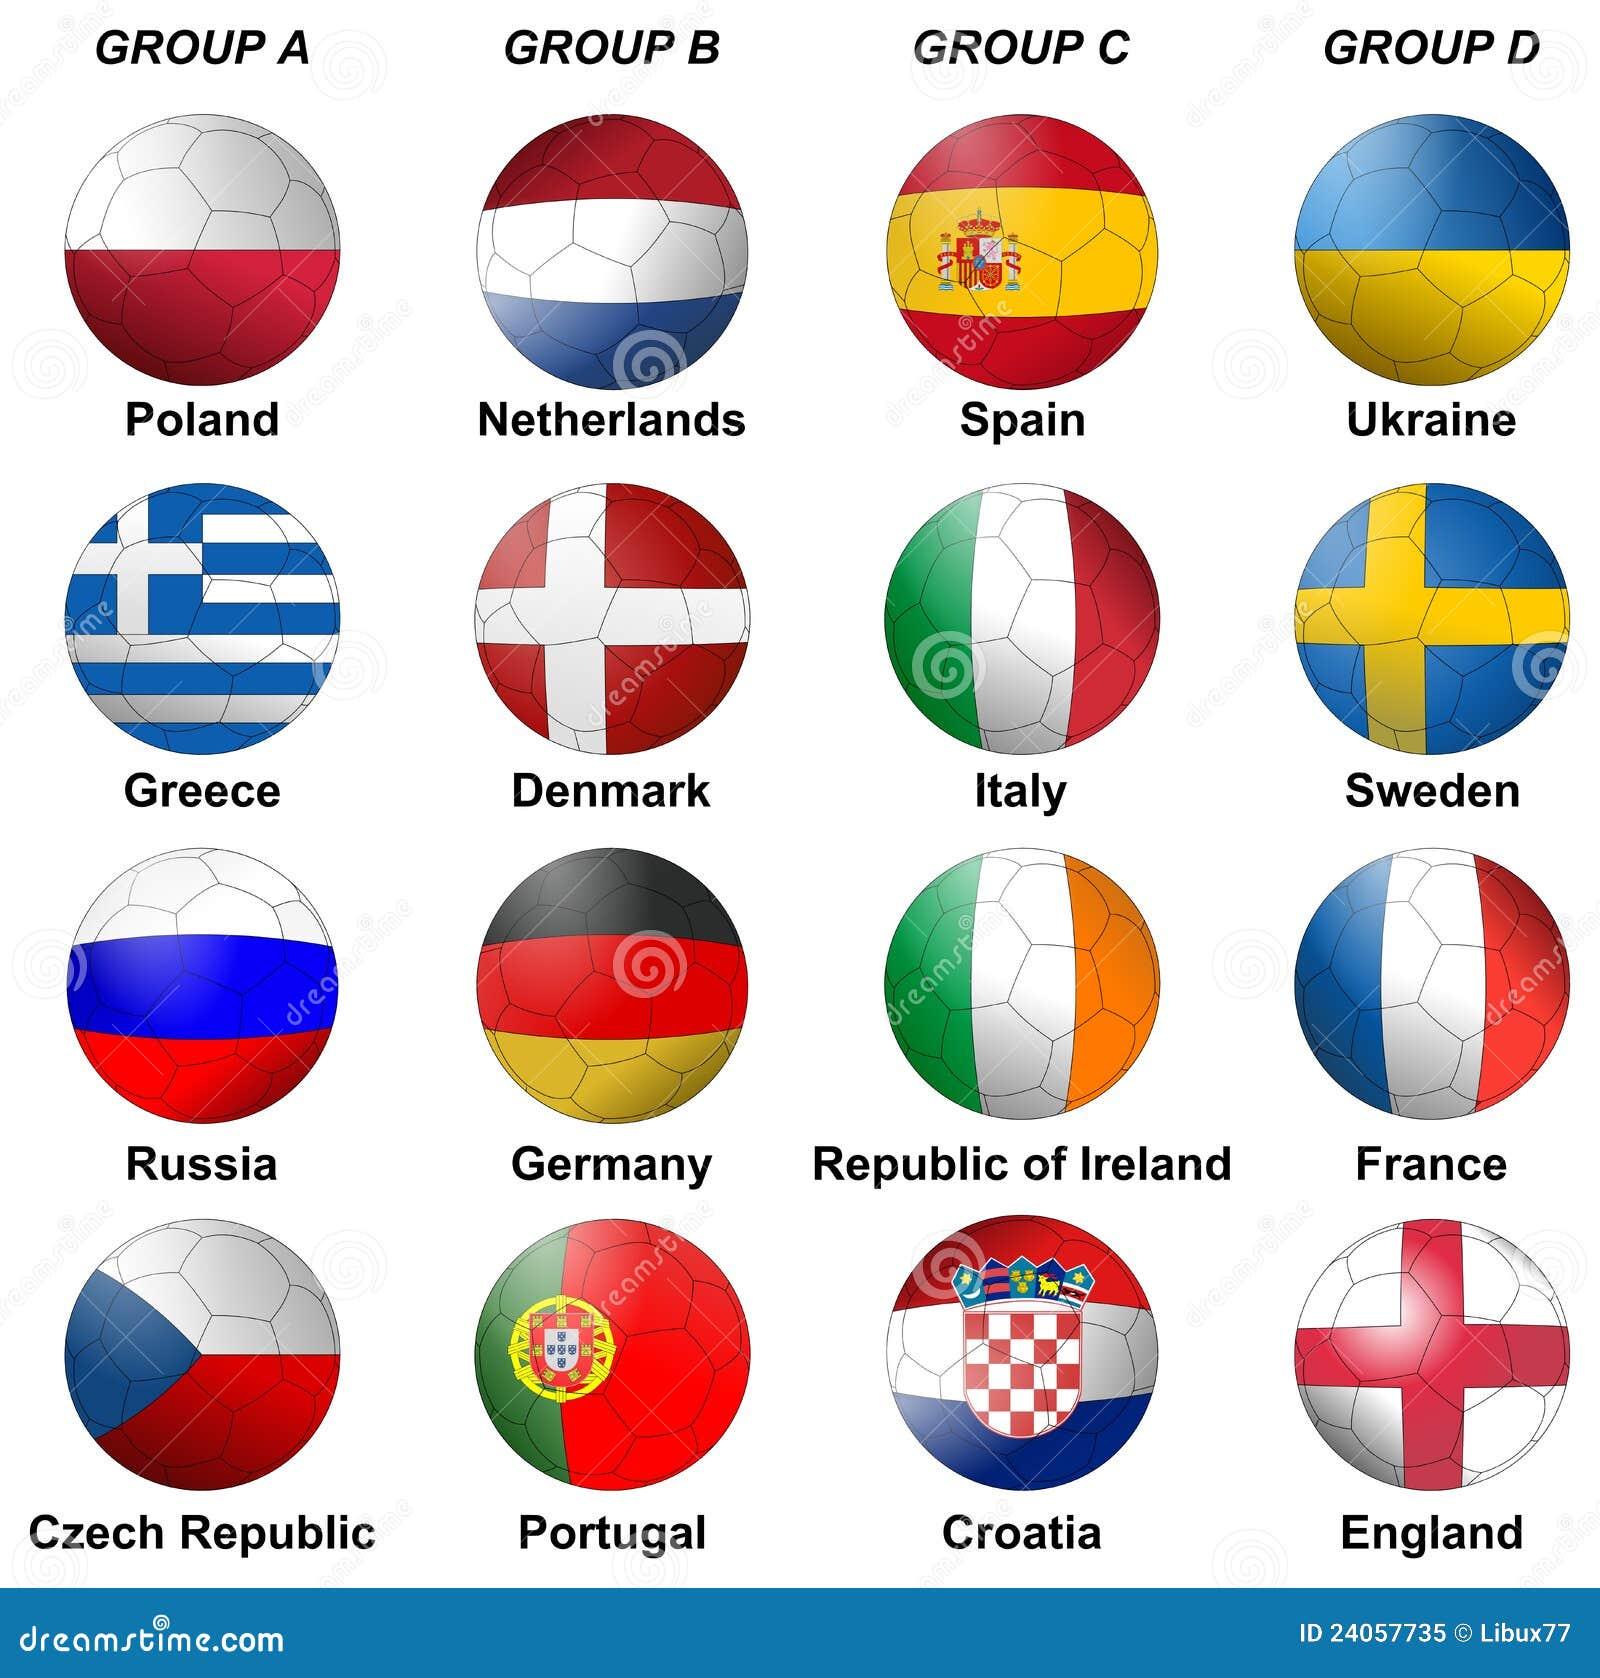 Uefa euro 2012 groups royalty free stock photo image for Euro 2012 groupe